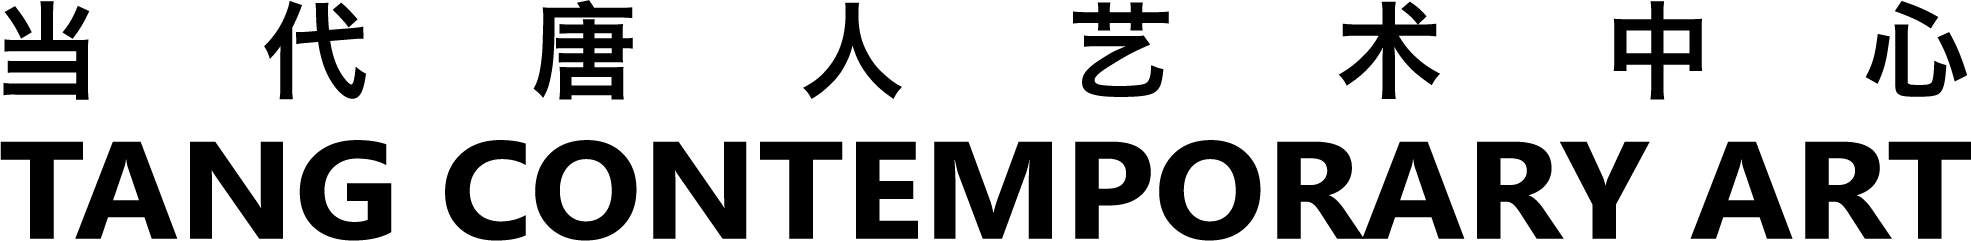 """李青大型个展""""灯塔与摇篮""""将于北京唐人双空间展出 李青 灯塔 摇篮 北京 空间 个展 唐人 Qing Lighthouse Cradle 崇真艺客"""